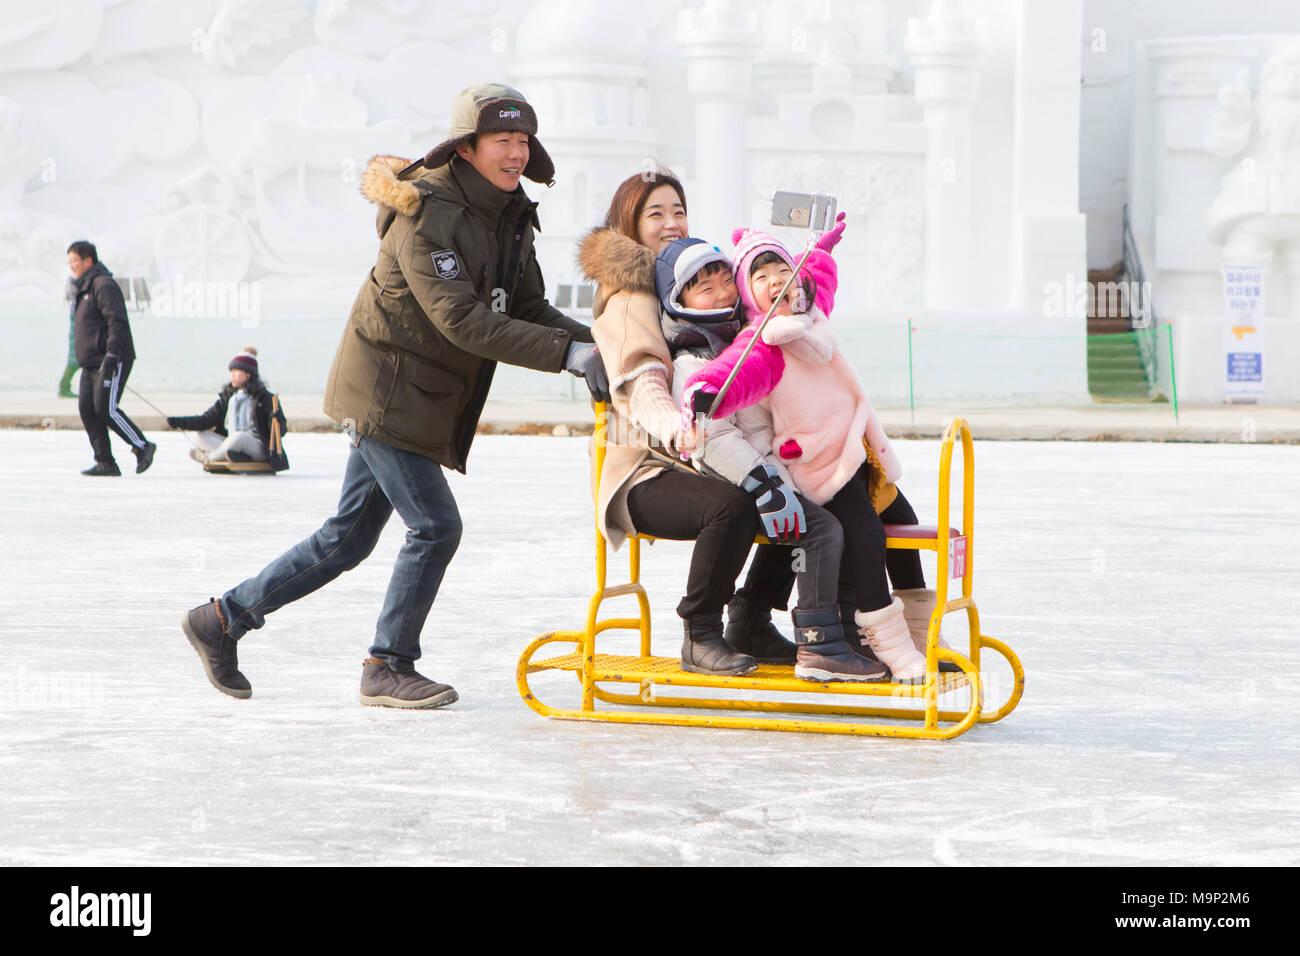 Un asiatico cerca famiglia è divertirsi facendo un selfie su una slitta di gruppo presso il fiume congelato al Hwacheon Sancheoneo Festival di ghiaccio. Il Hwacheon Sancheoneo Festival di ghiaccio è una tradizione per il popolo coreano. Ogni anno nel mese di gennaio la folla si riuniranno presso il fiume congelato per celebrare il freddo e la neve dell'inverno. Attrazione principale è la pesca sul ghiaccio. Giovani e vecchi attendere pazientemente su un piccolo buco nel ghiaccio per una trota di mordere. In tende che possono ottenere il pesce grigliato dopo che loro sono mangiati. Tra le altre attività sono corse in slittino e pattinaggio sul ghiaccio. La vicina regione Pyeongchang ospiterà le Olimpiadi Invernali nel Immagini Stock